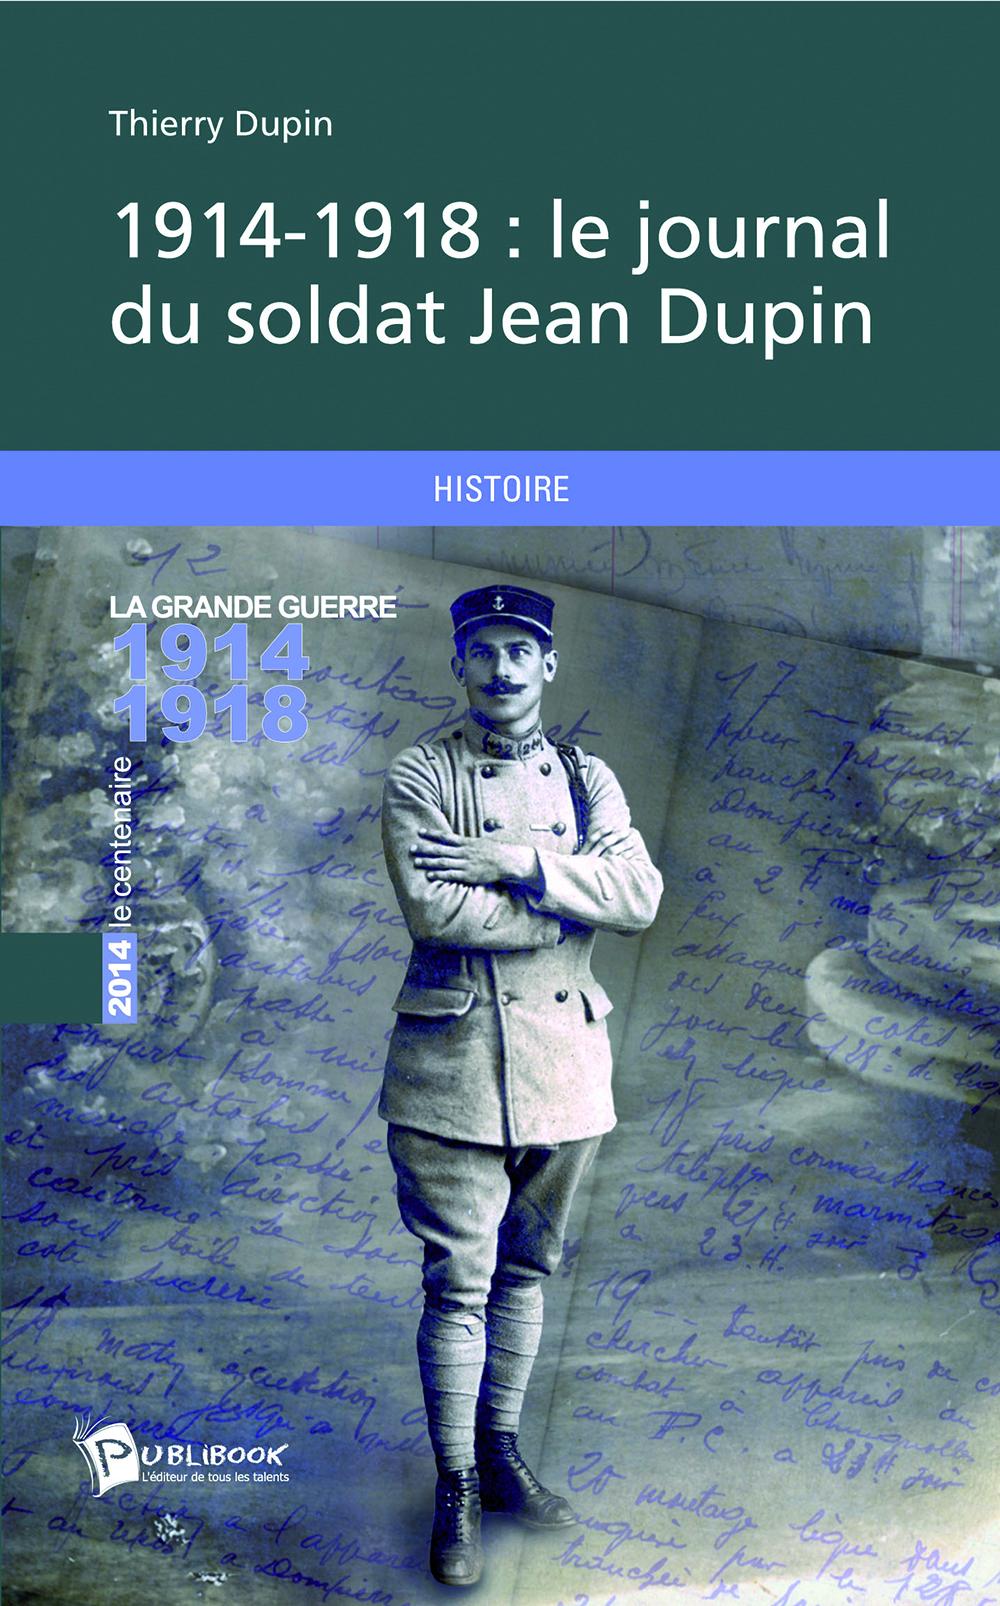 1914-1918 :  le journal du soldat Jean Dupin